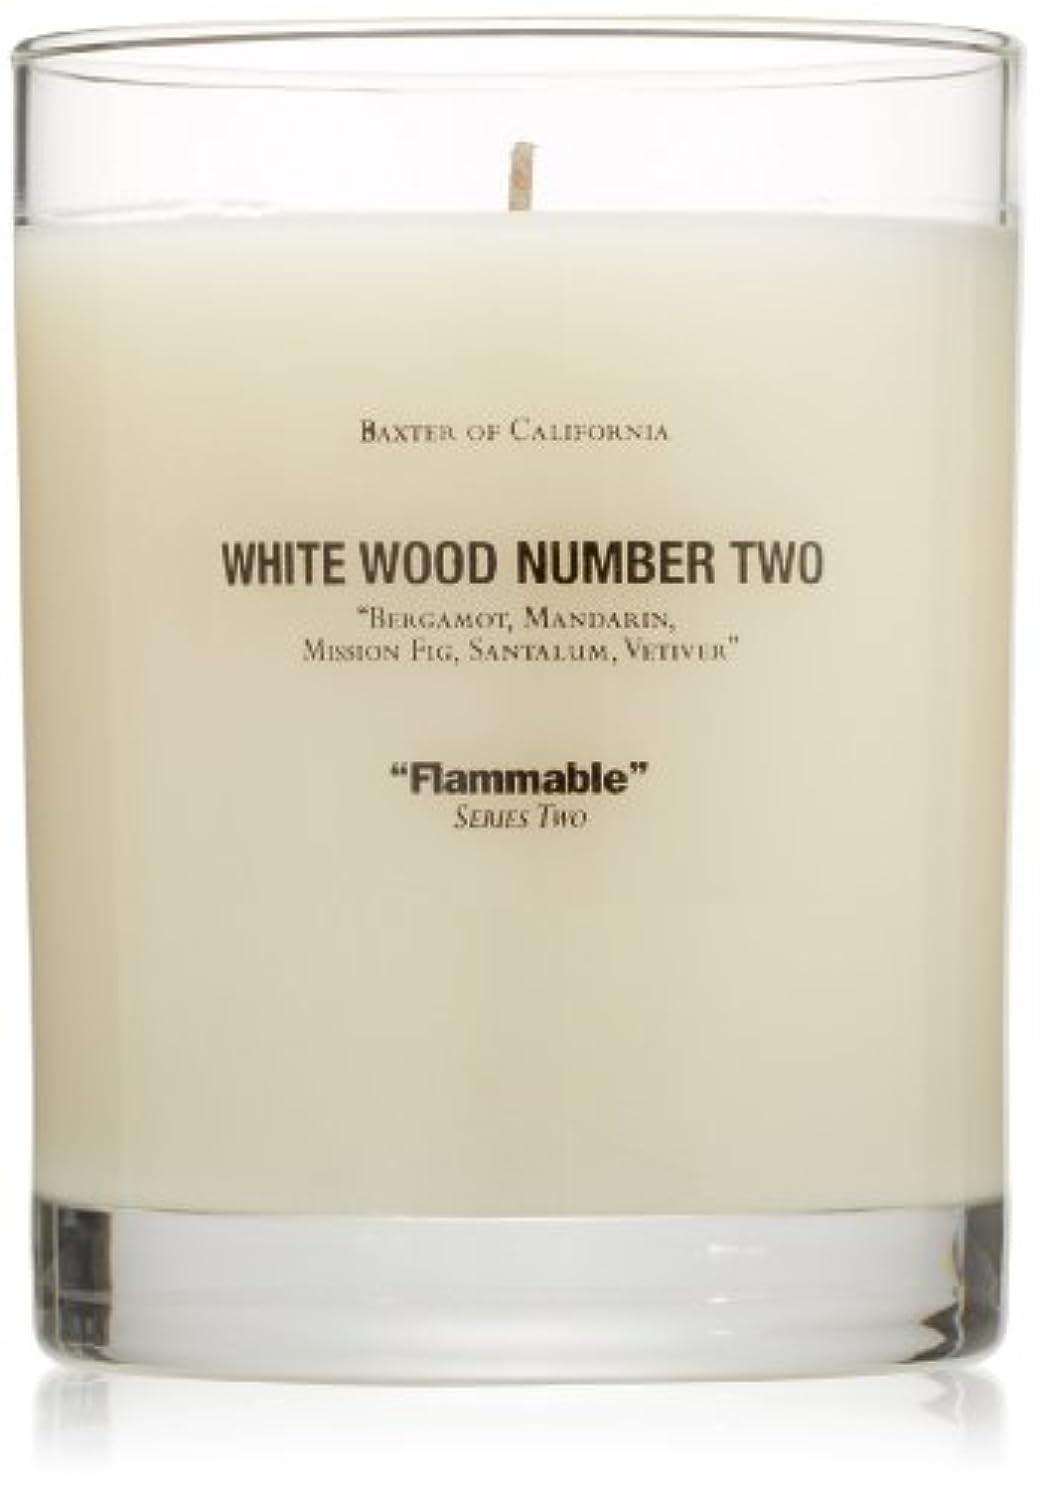 同級生繰り返した独立してBaxter OF CALIFORNIA(バクスター オブ カリフォルニア) ホワイトウッドキャンドルtwo 255g